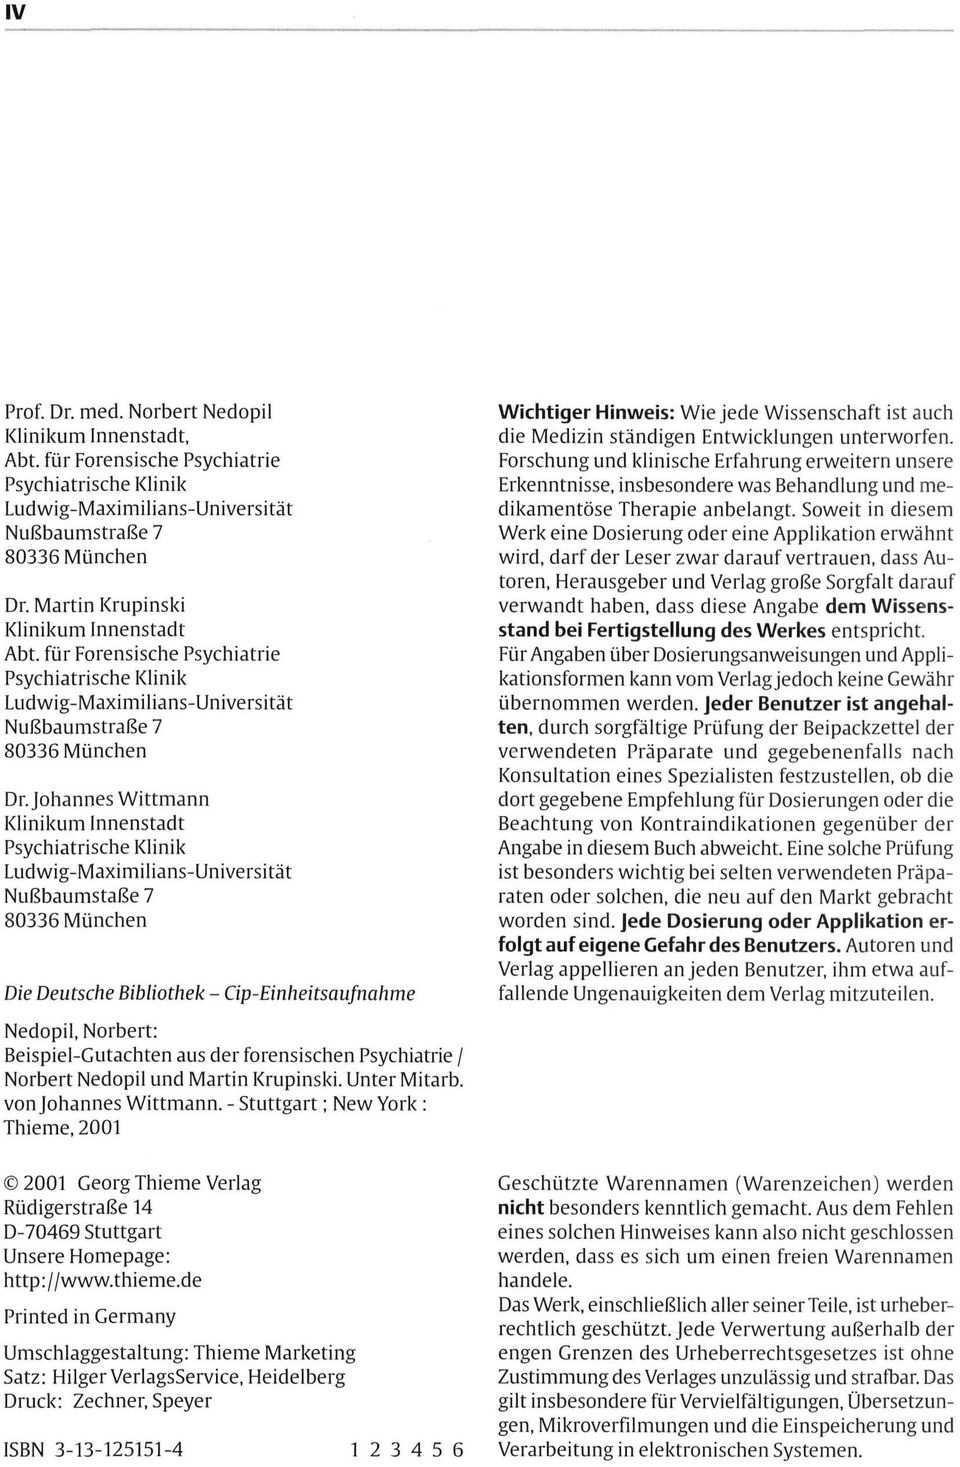 Beispiel Gutachten Aus Der Forensischen Psychiatrie Pdf Free Download